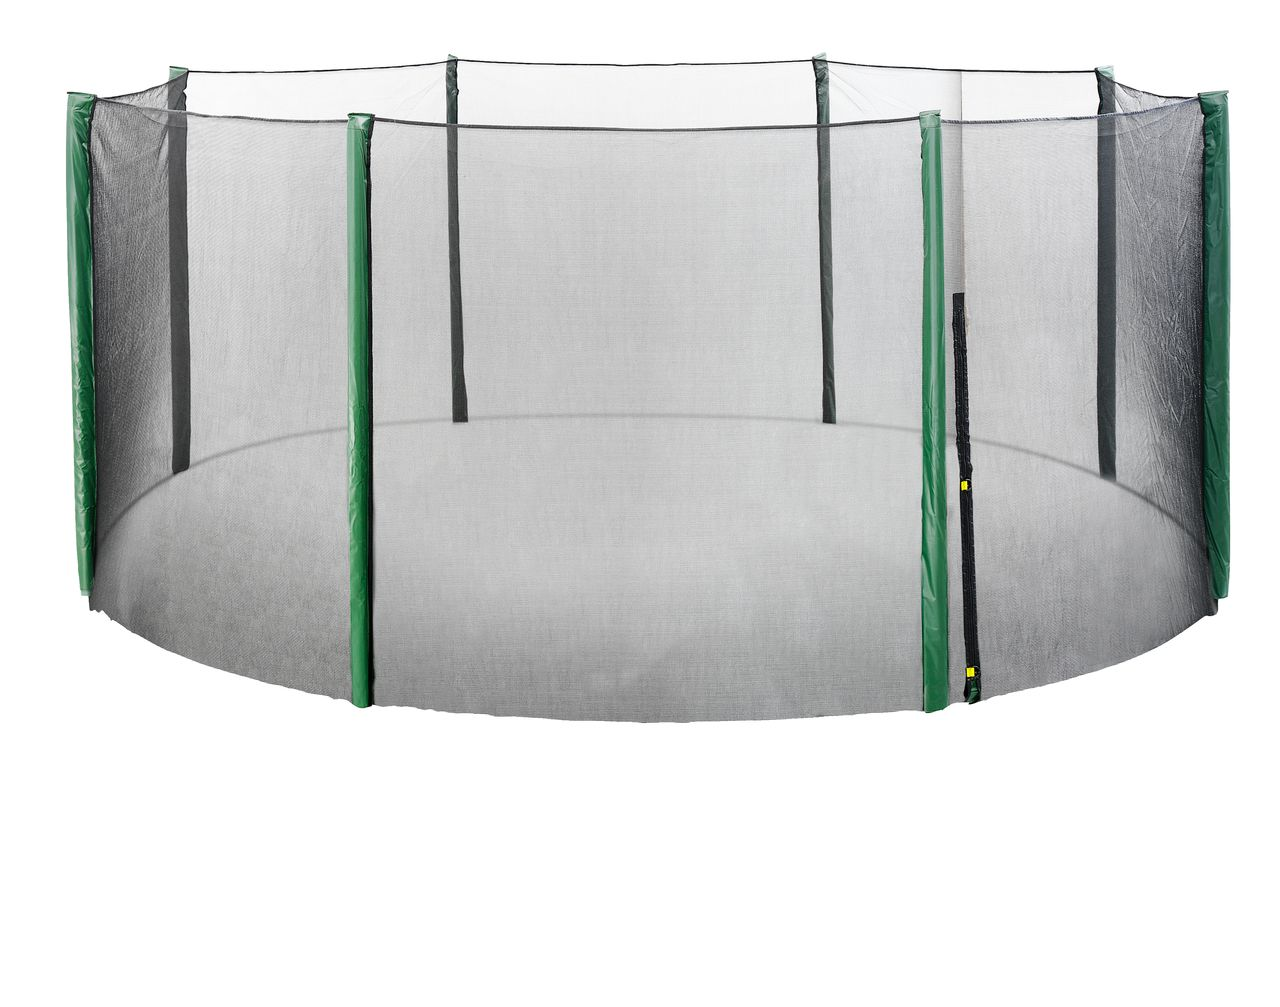 Veiligheidsnet stoj 426xh193cm groen jysk - Groen hoofdbord ...